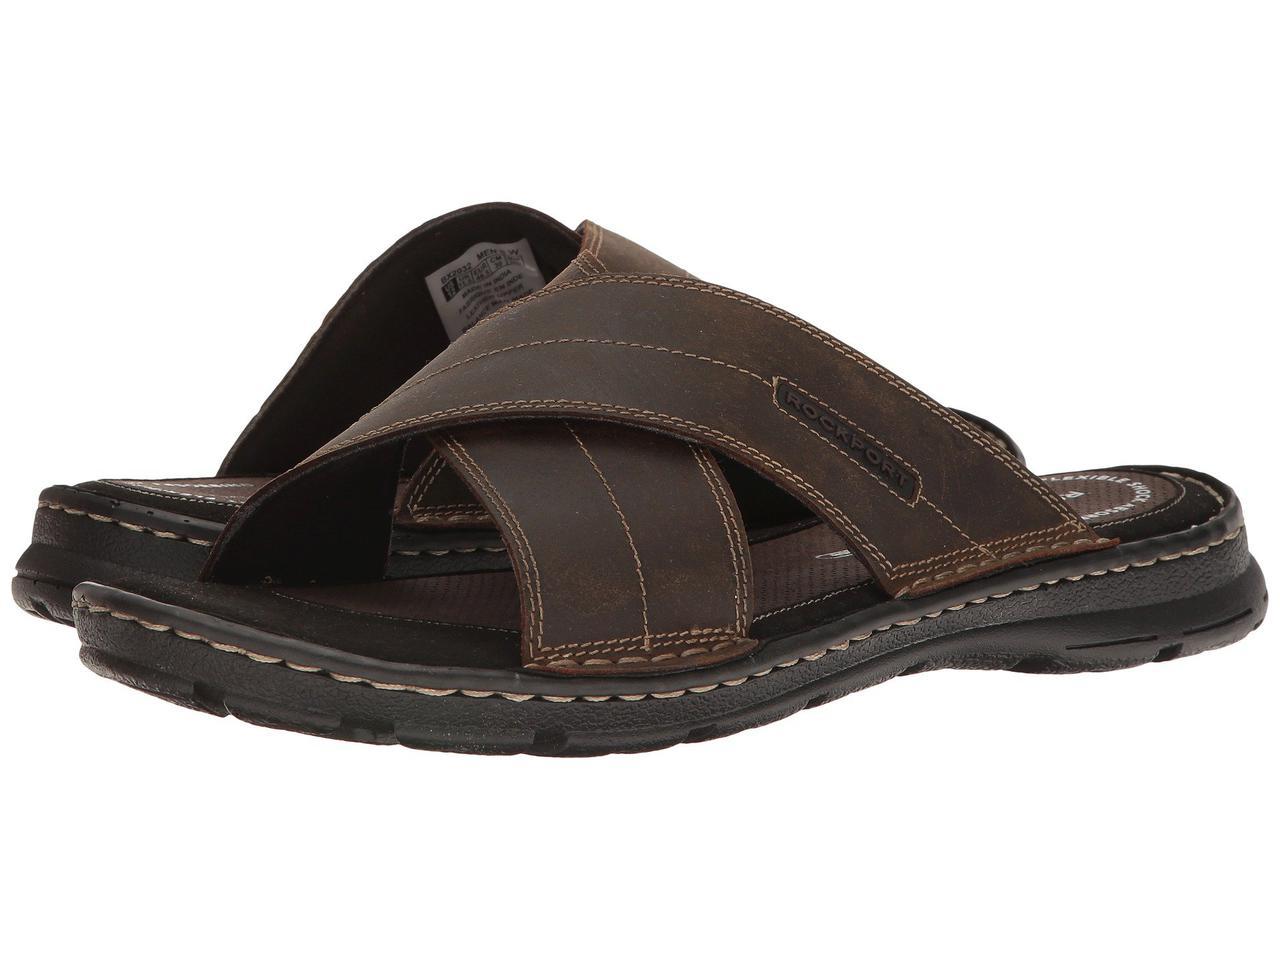 Сандали/Вьетнамки (Оригинал) Rockport Darwyn Cross Band Brown II Leather